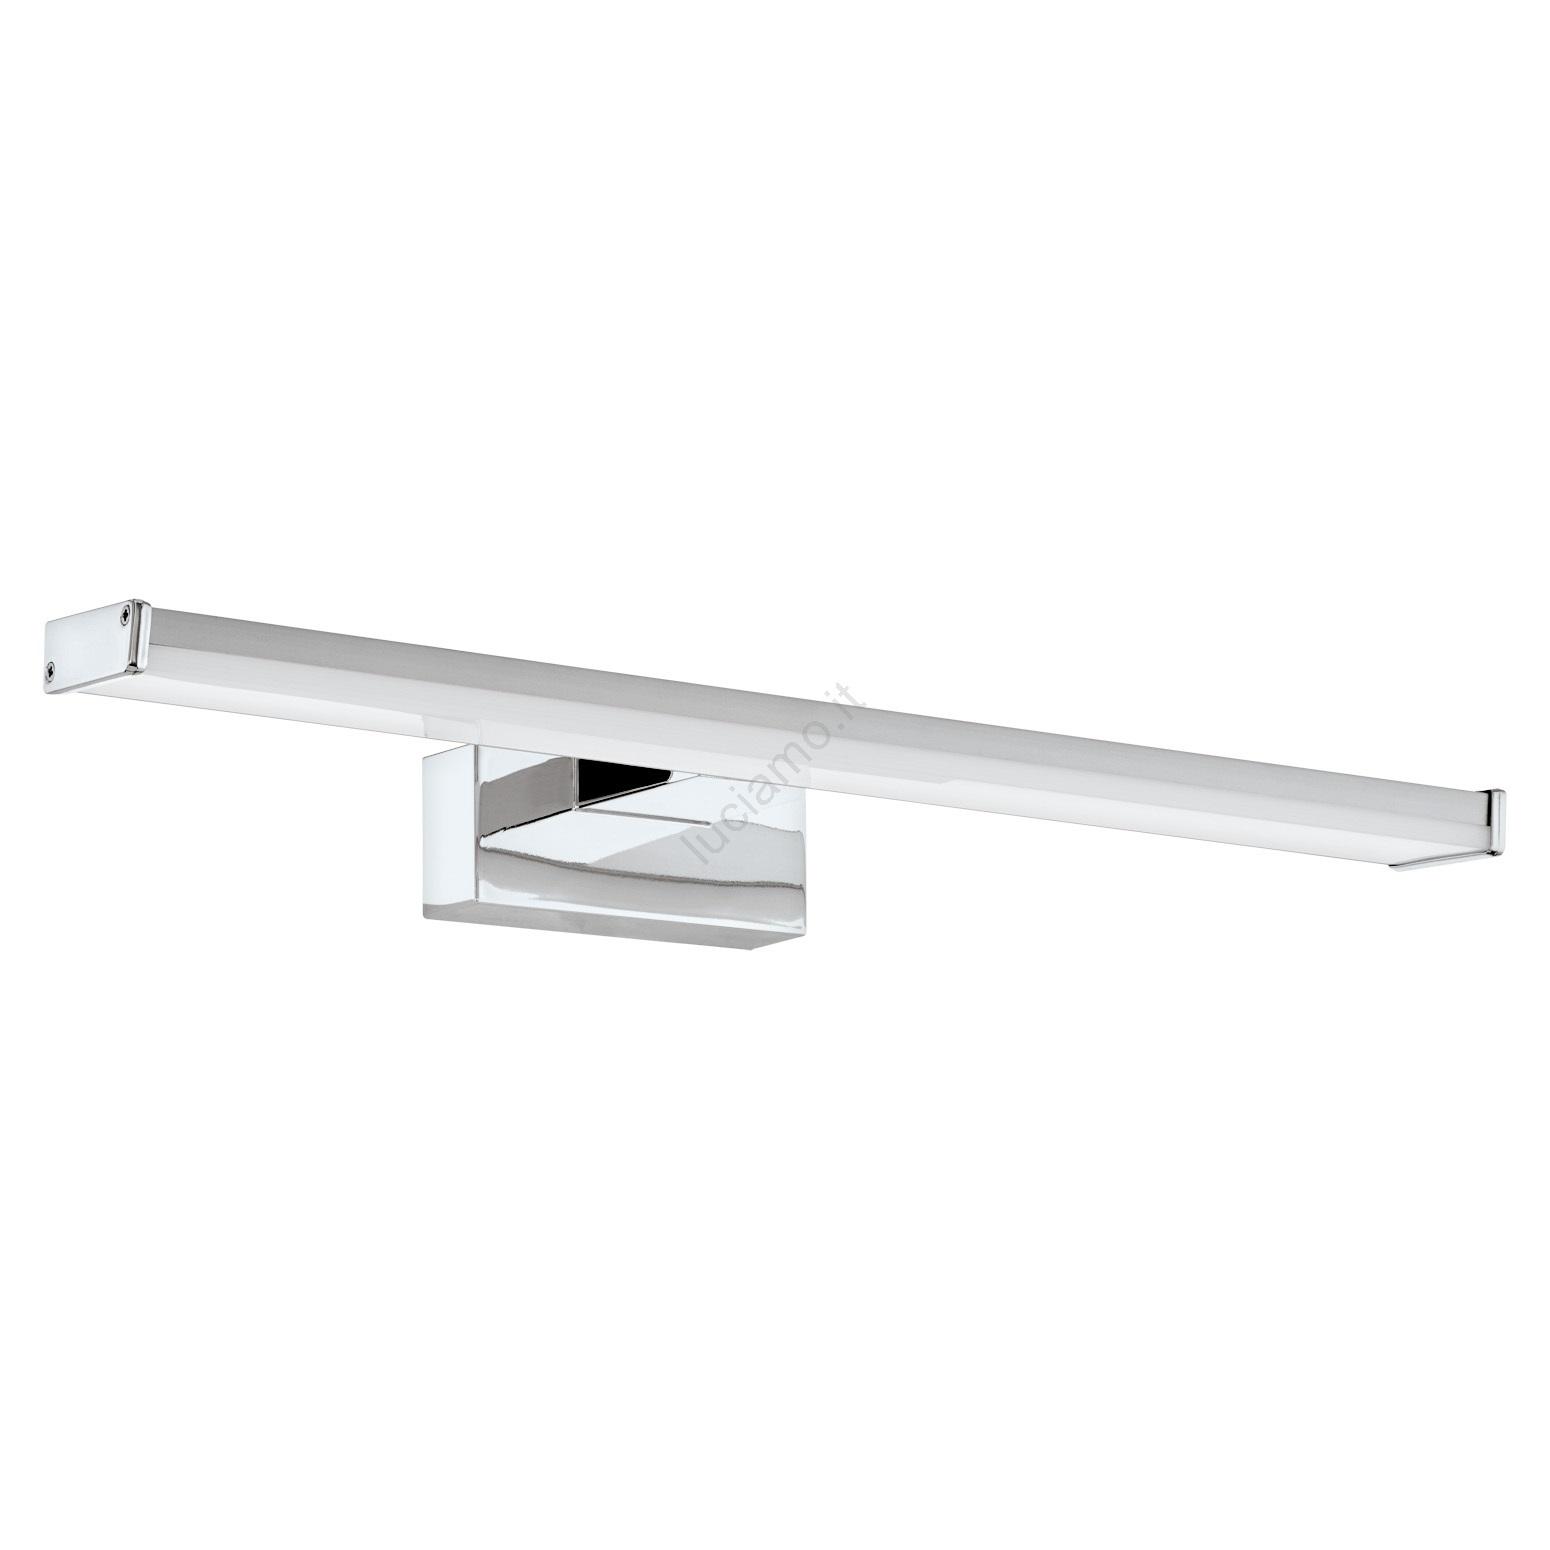 Eglo lampada led da bagno led 7 4w 230v luciamo - Lampada da bagno ...